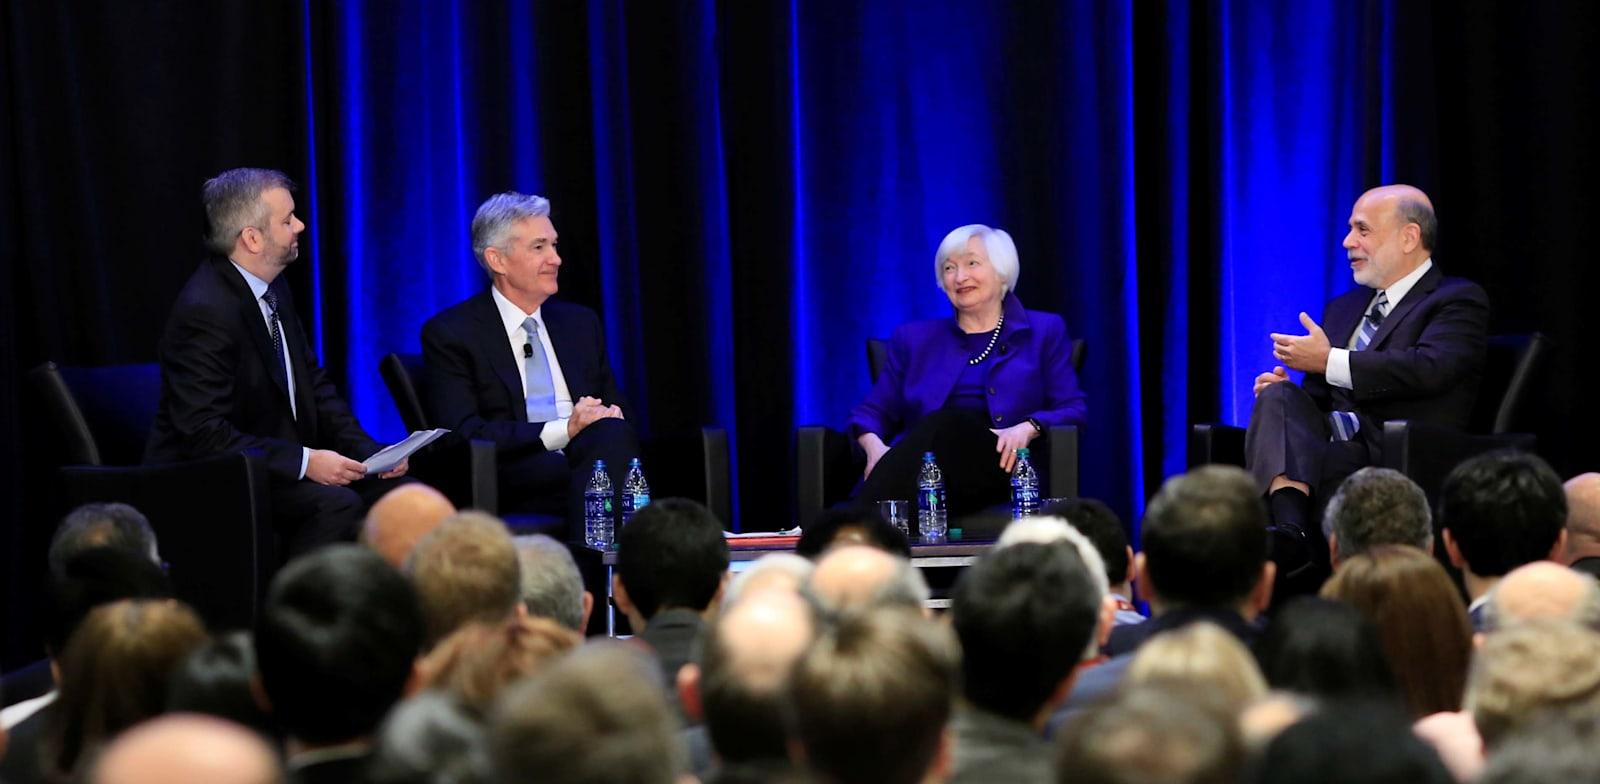 """שרת האוצר ג'נט ילן ויו""""ר הפדרל ריזרב, ג'רום פאוול במפגש של האיגוד הכלכלי האמריקאי / צילום: Reuters, CHRISTOPHER ALUKA BERRY"""